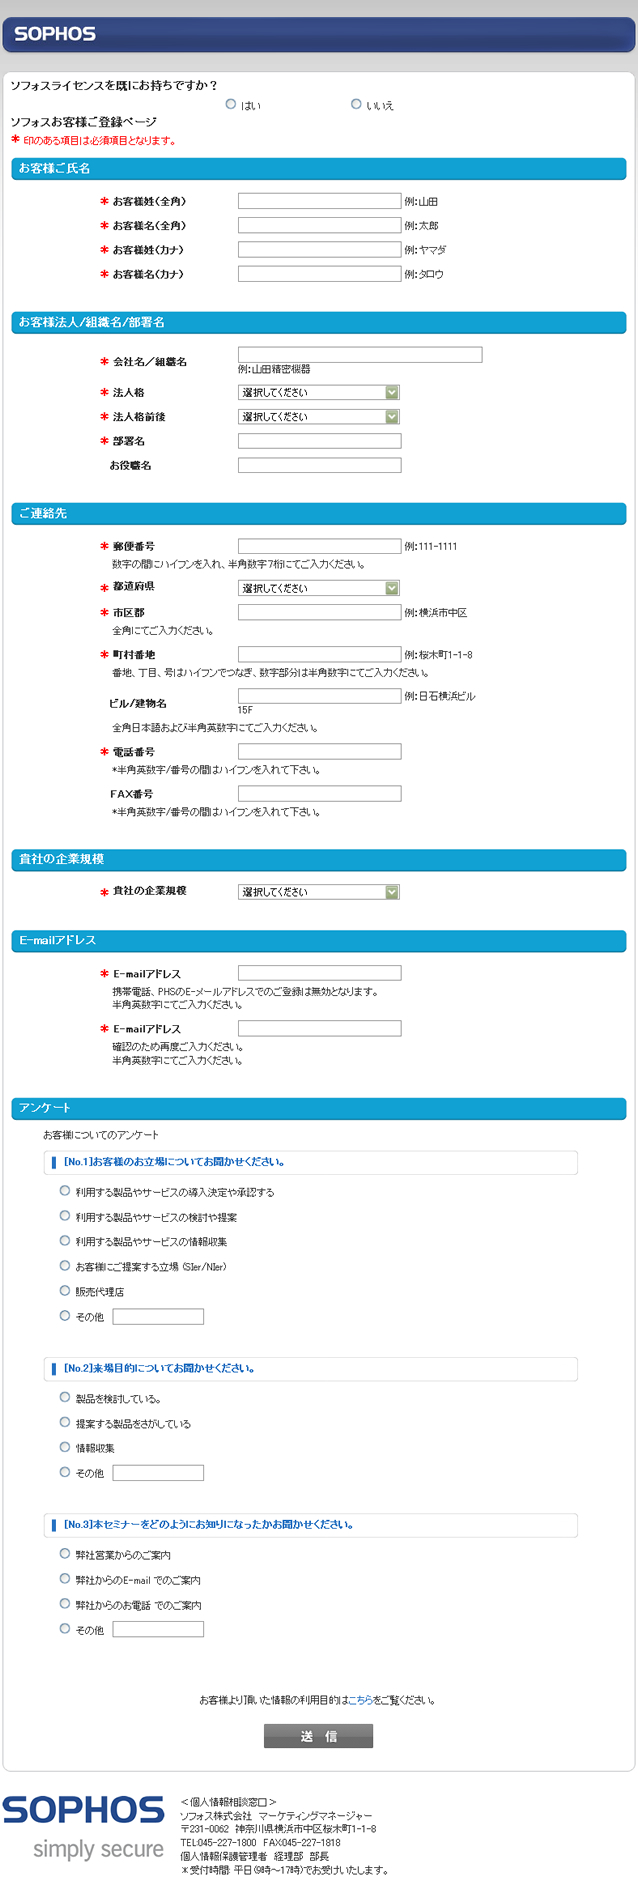 活鱼设计工作室——防护软件Sophos日本网站注册页面设计